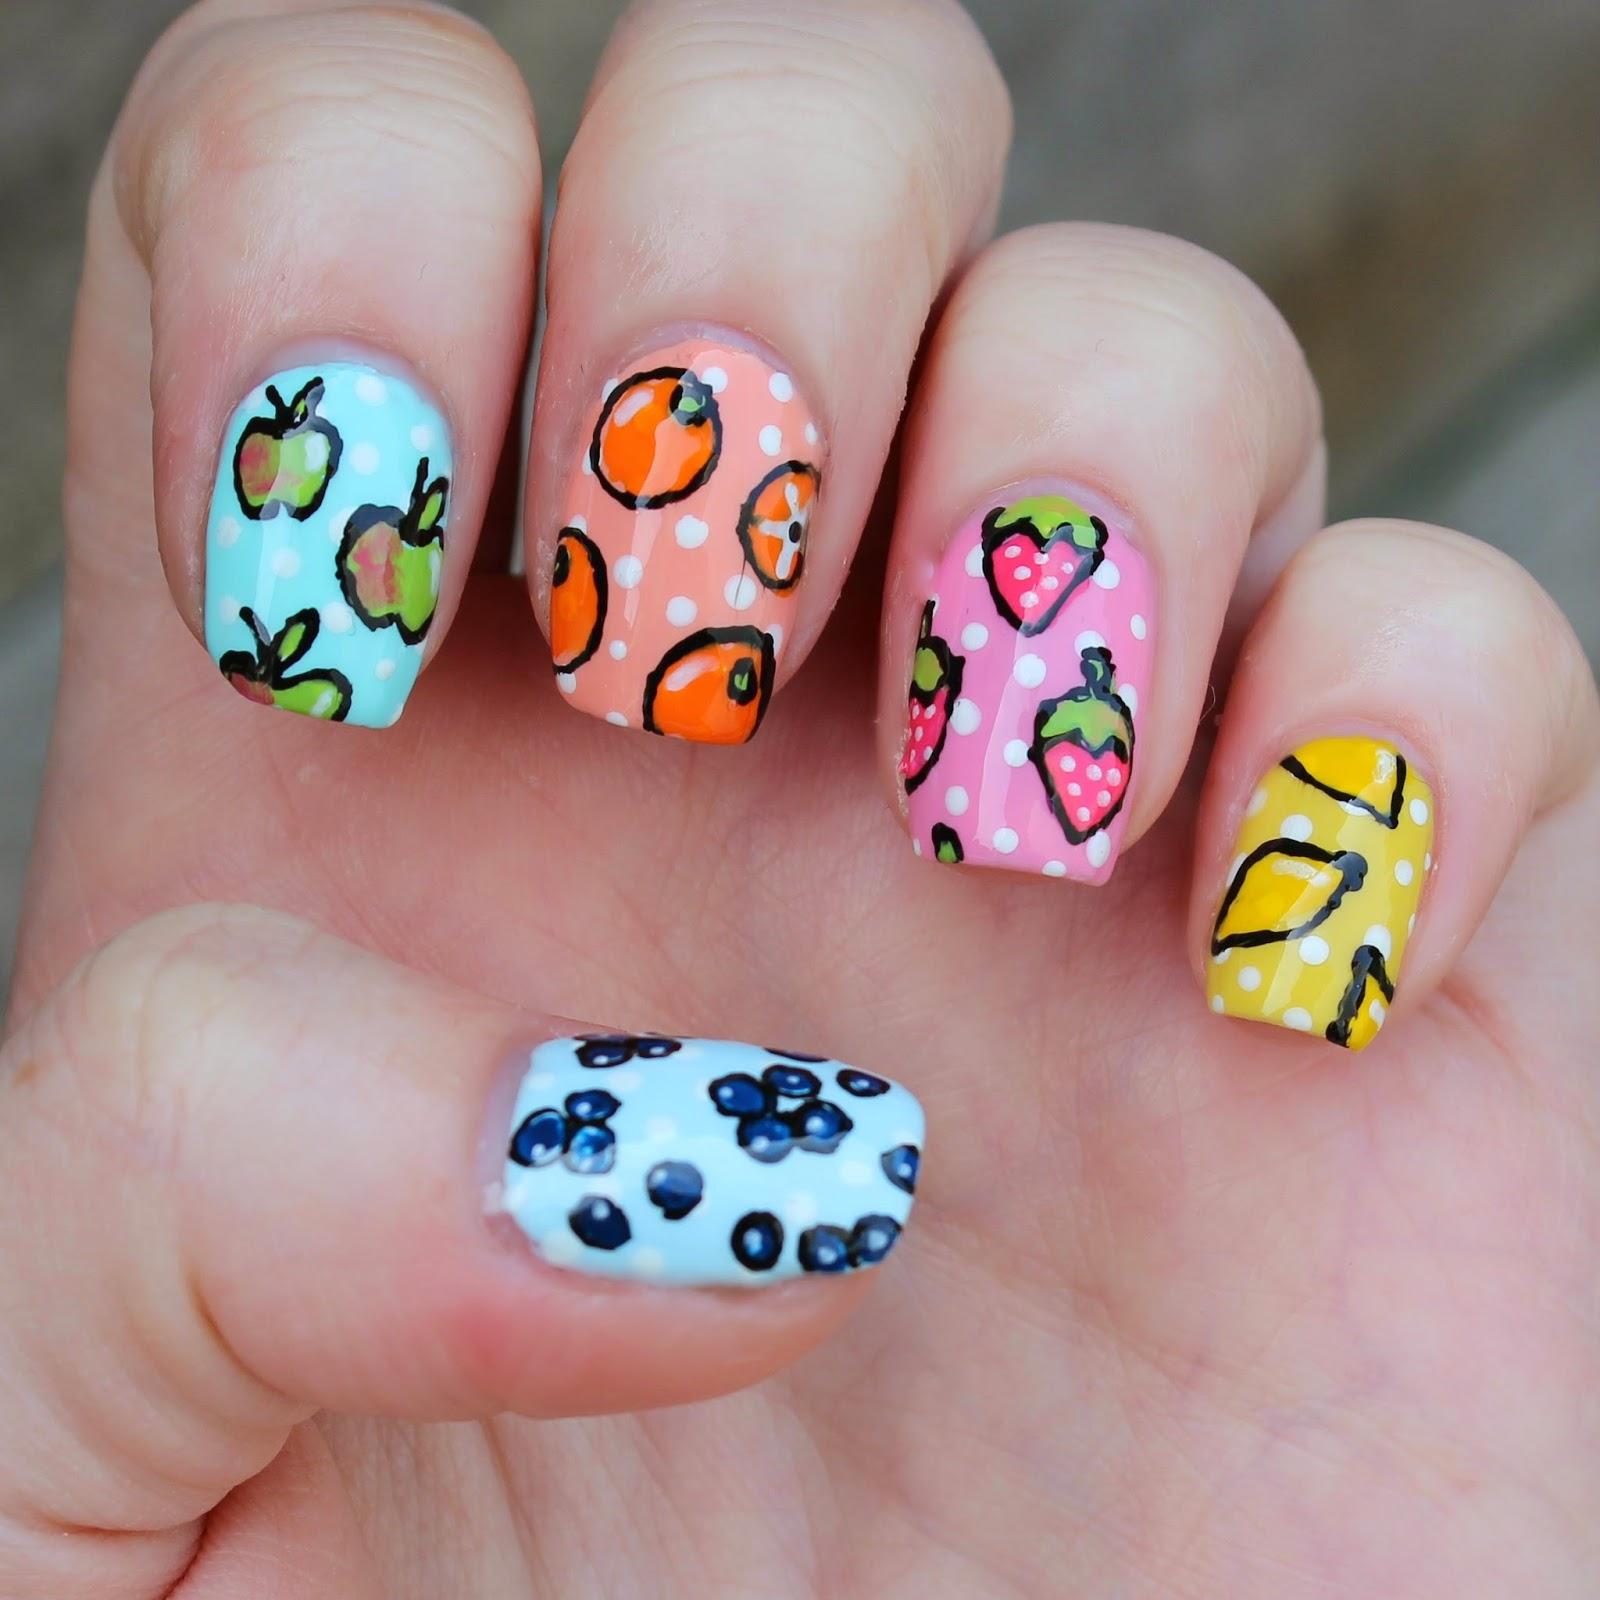 Dahlia Nails: Fruit Pastels